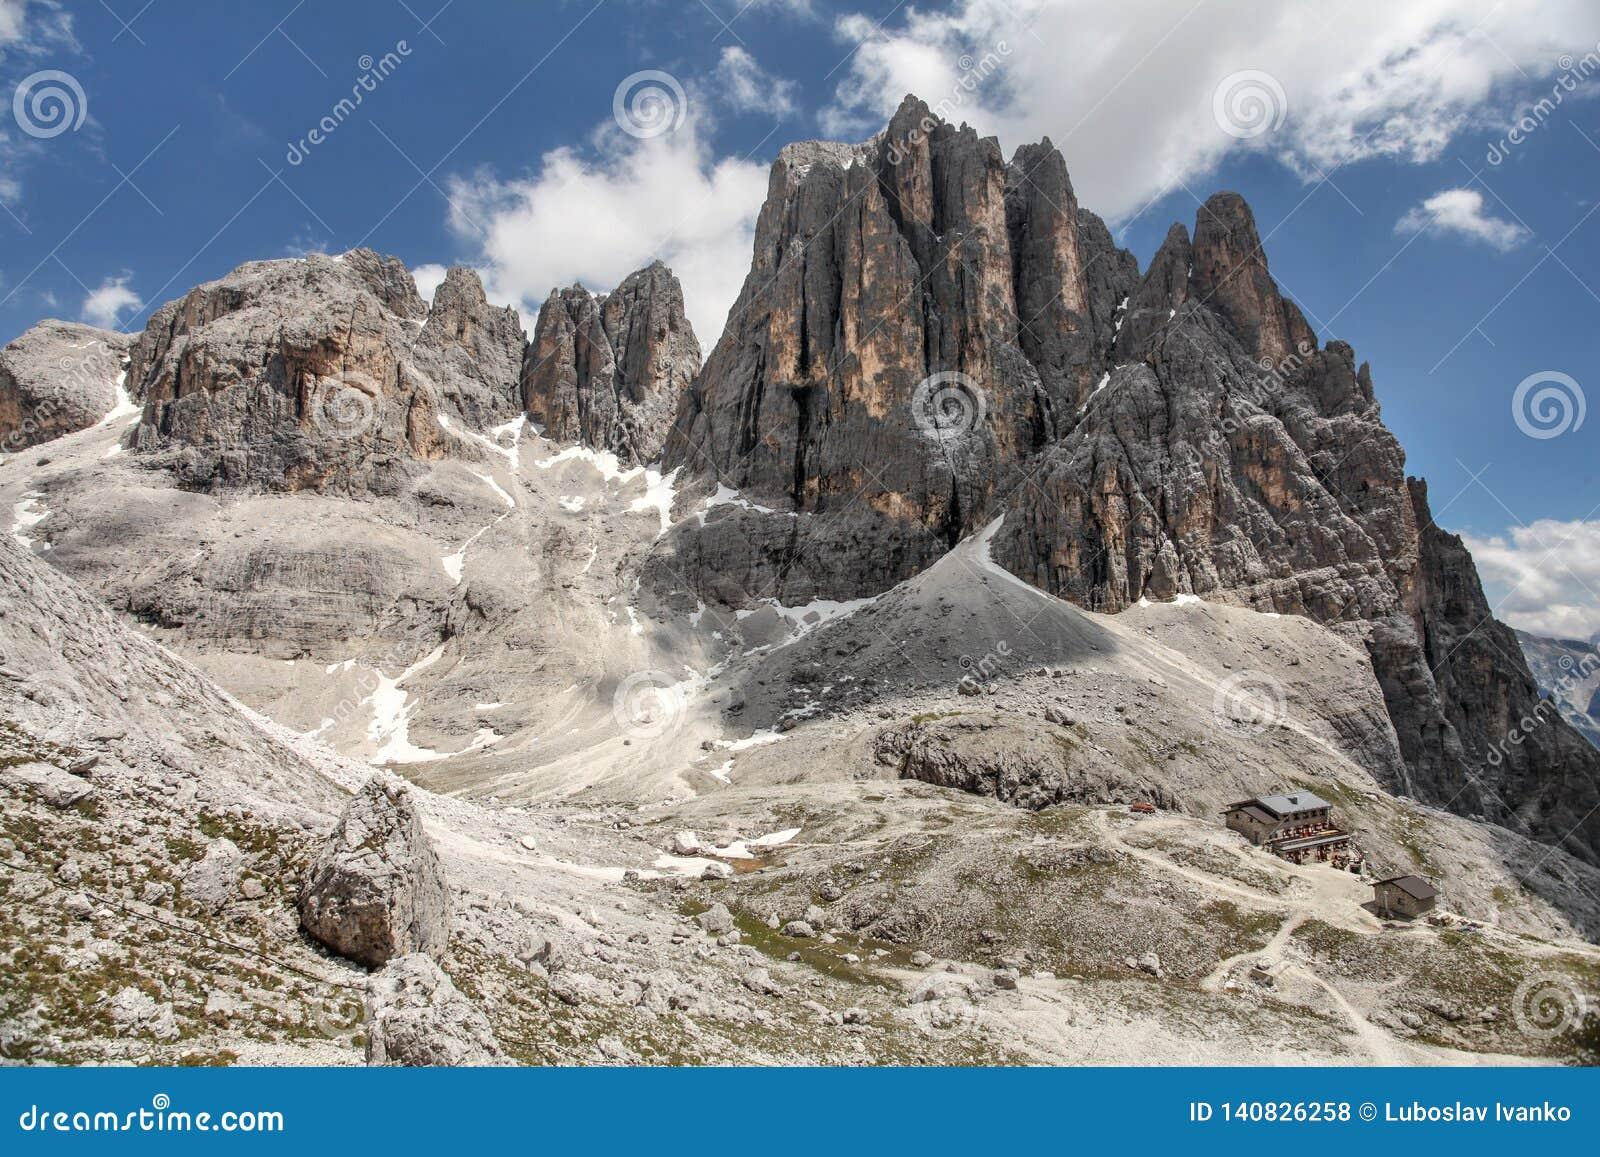 Hoge rotsachtige pieken van Pale di San Martino, in het Italiaans Dolomiet met dramatische diepe blauwe hemel op zonnige dag